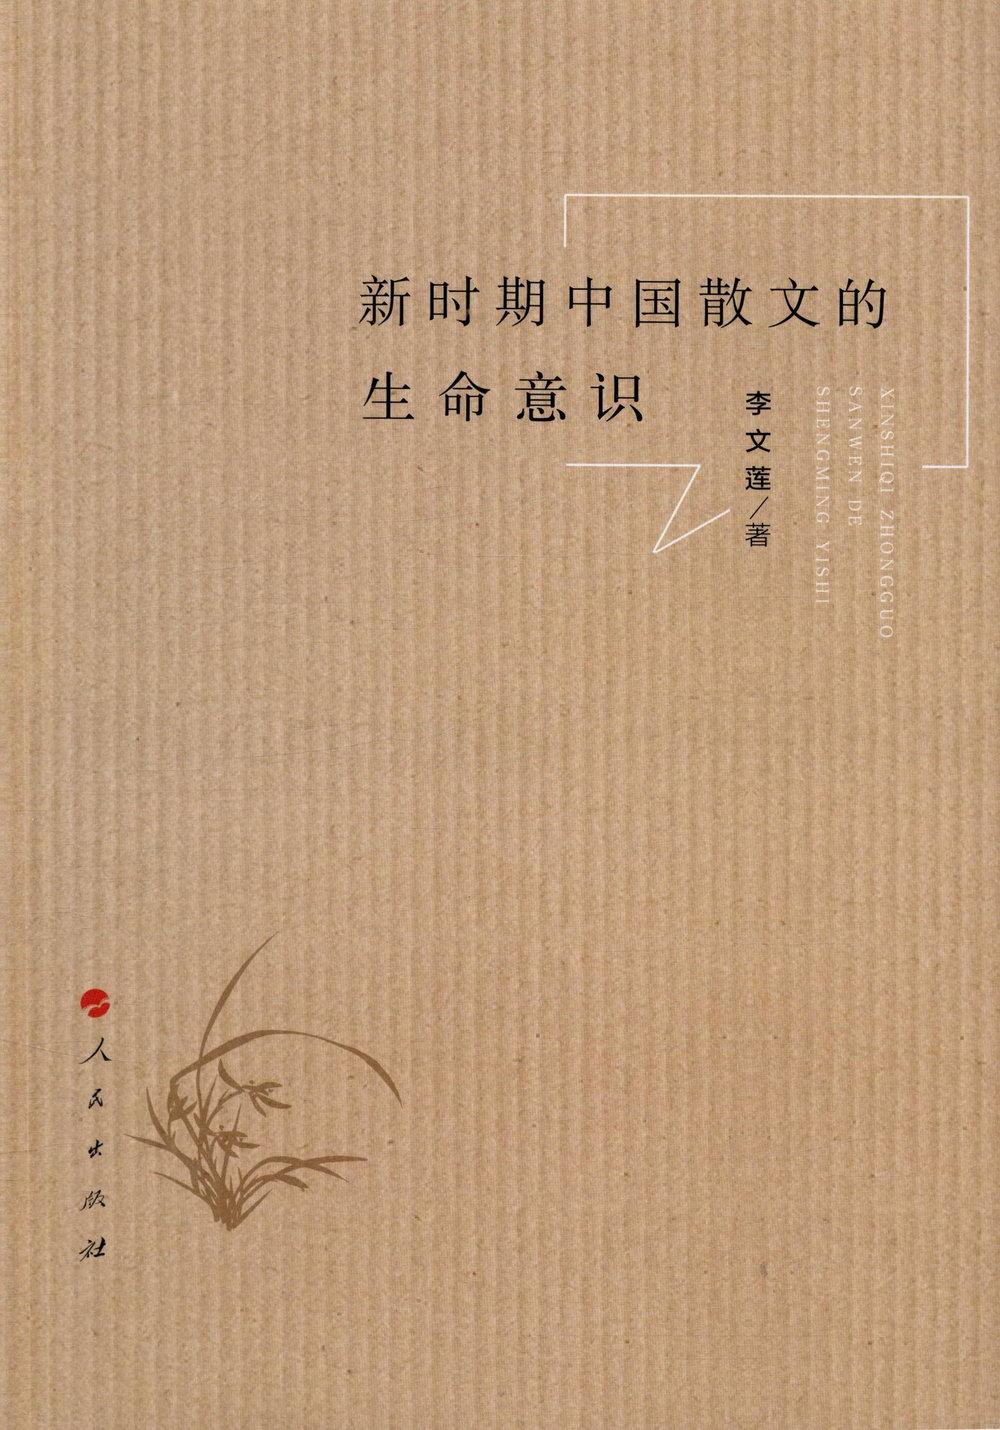 新時期中國散文的生命意識